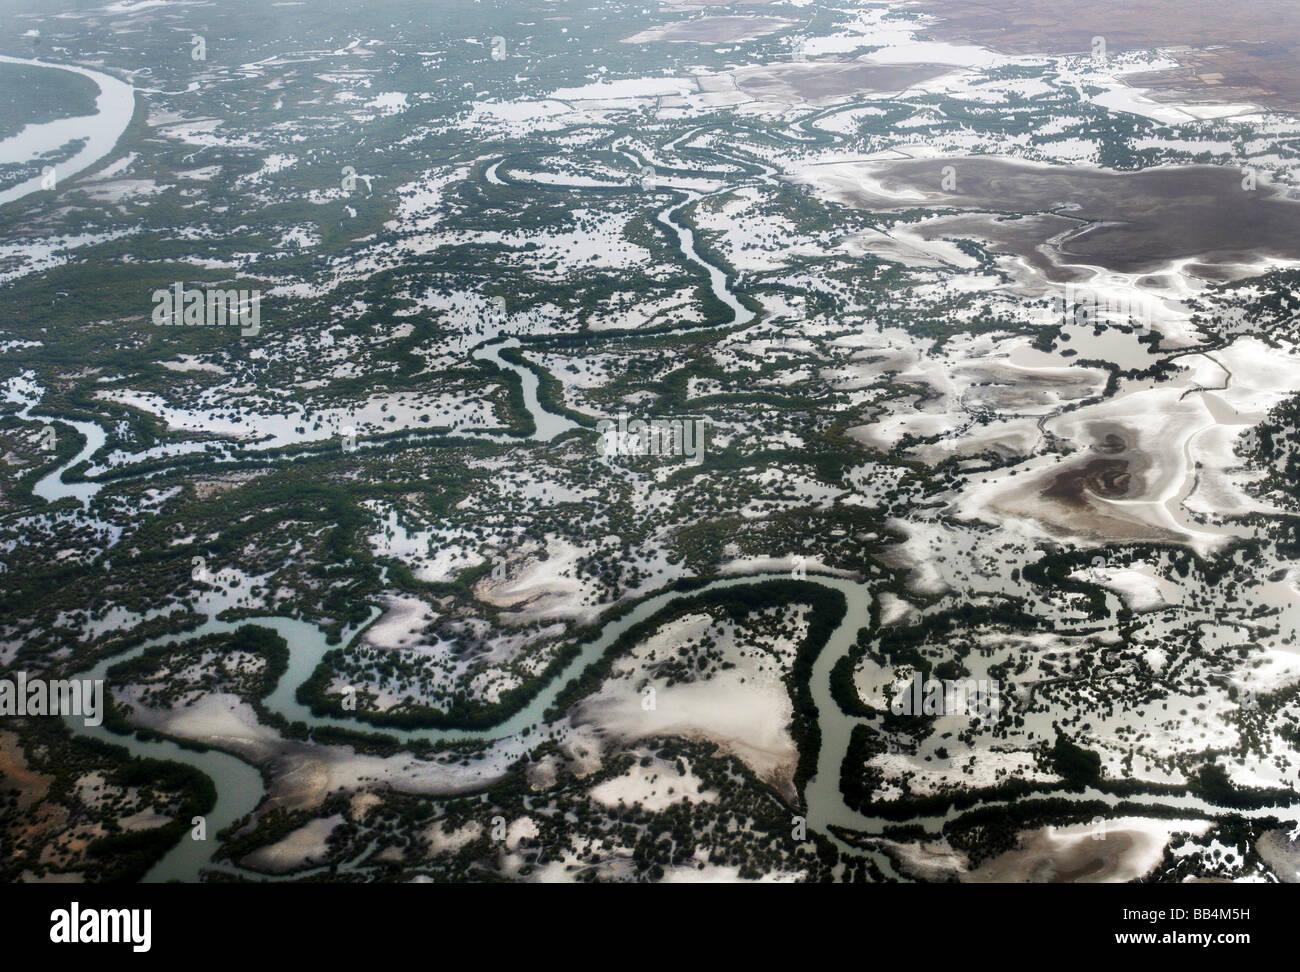 Luftaufnahme des Casamance River Delta in der Nähe von Ziguinchor, Senegal Stockbild